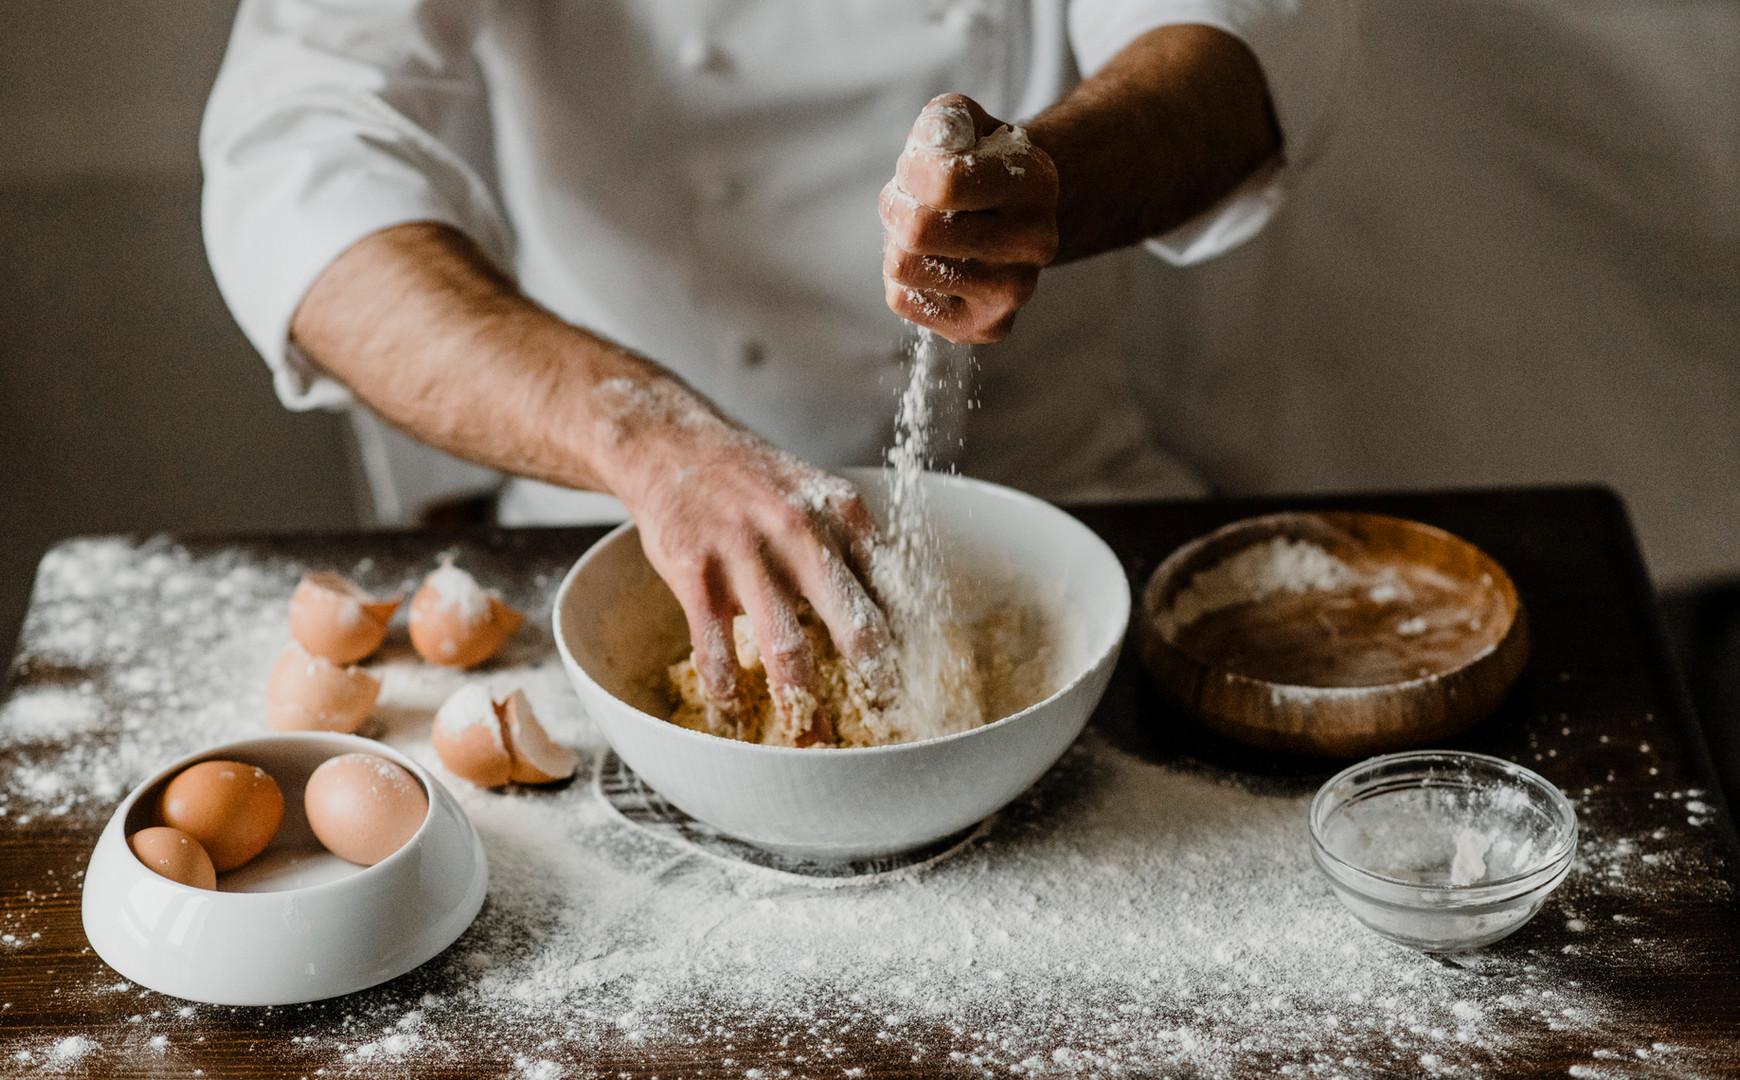 Pasta Making at Casa di Langa